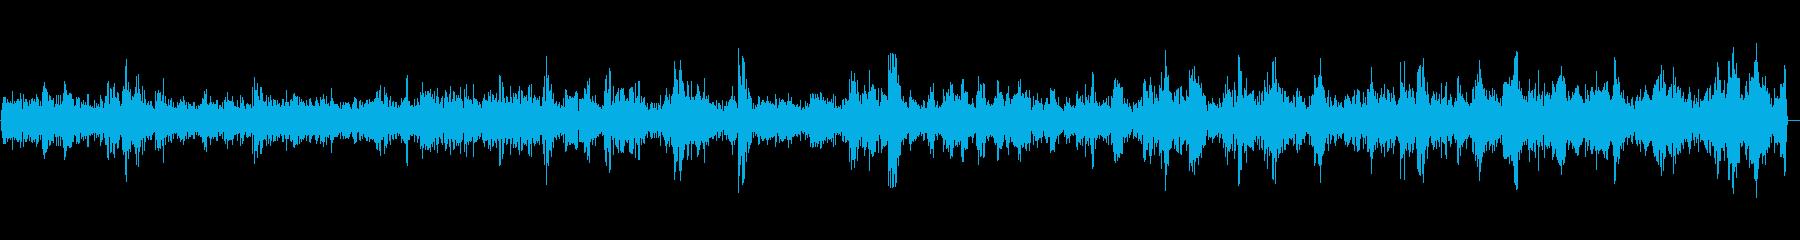 ぶくぶく(長めの泡の音)の再生済みの波形